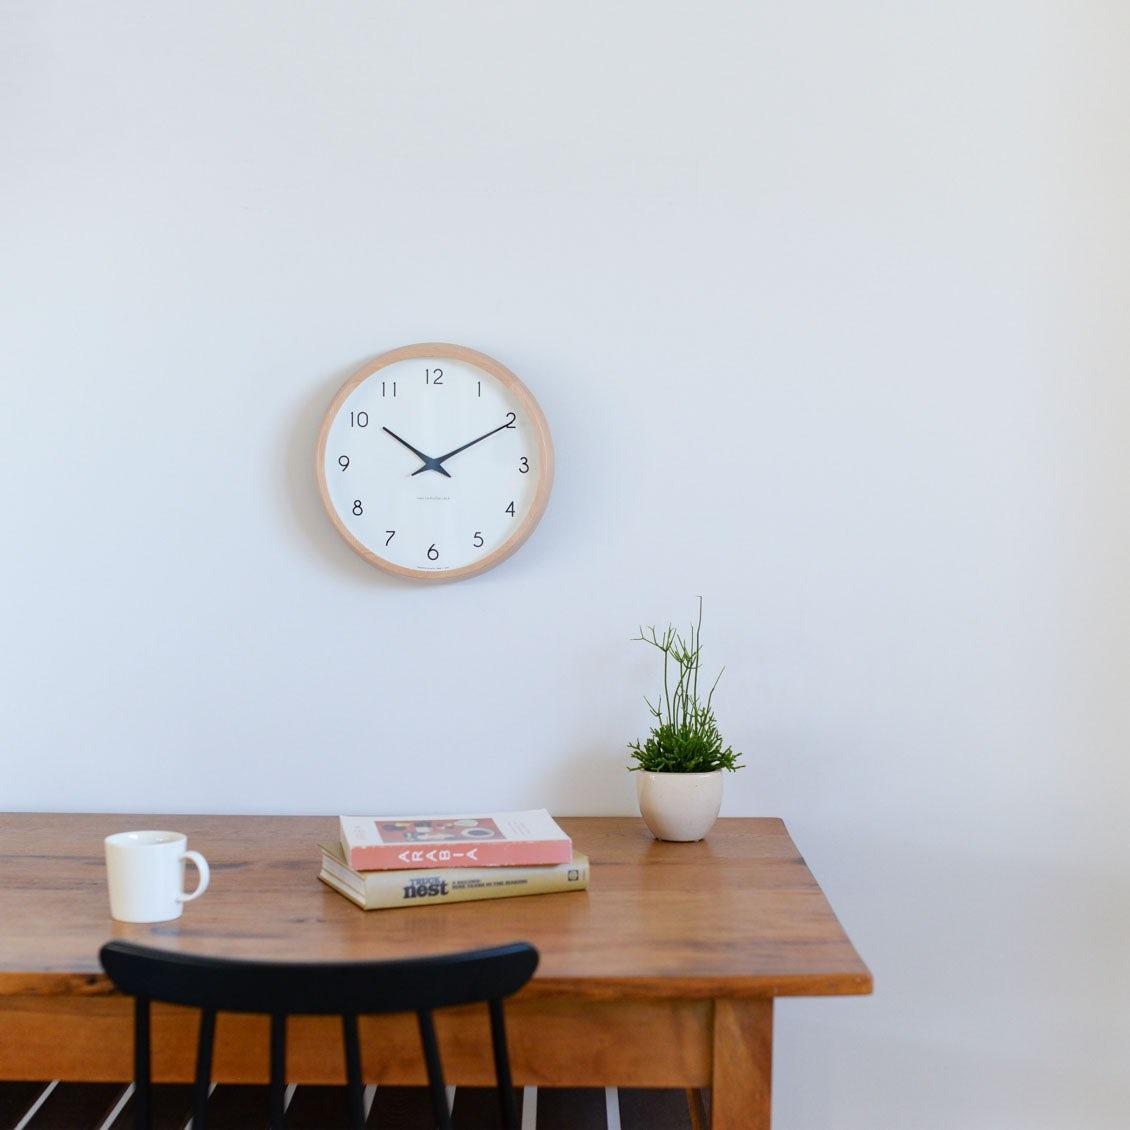 デザインも機能も、理想の時計